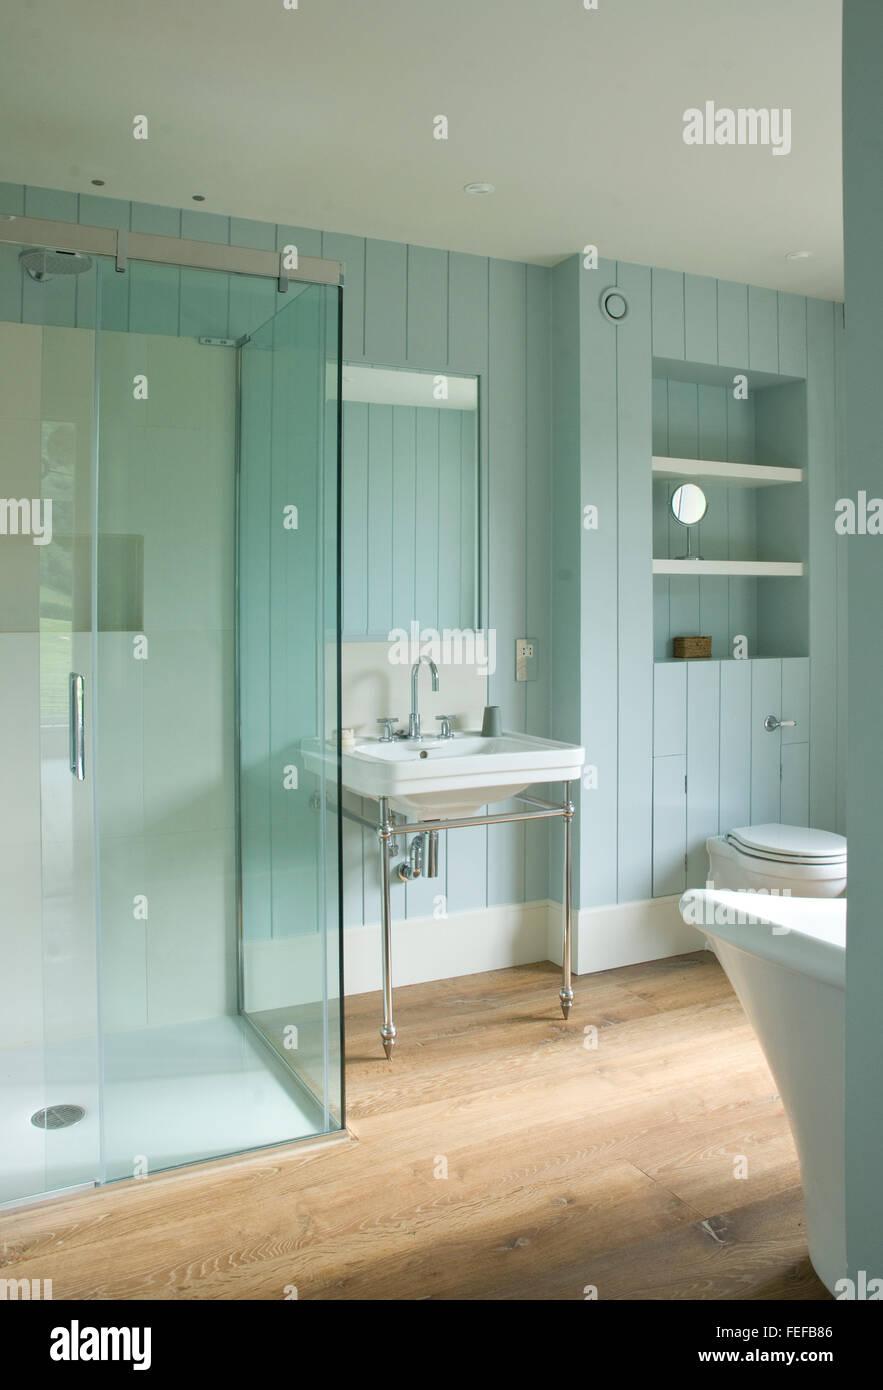 blau/grün/pastell, duschkabine, bad, fußboden aus holz getäfelten